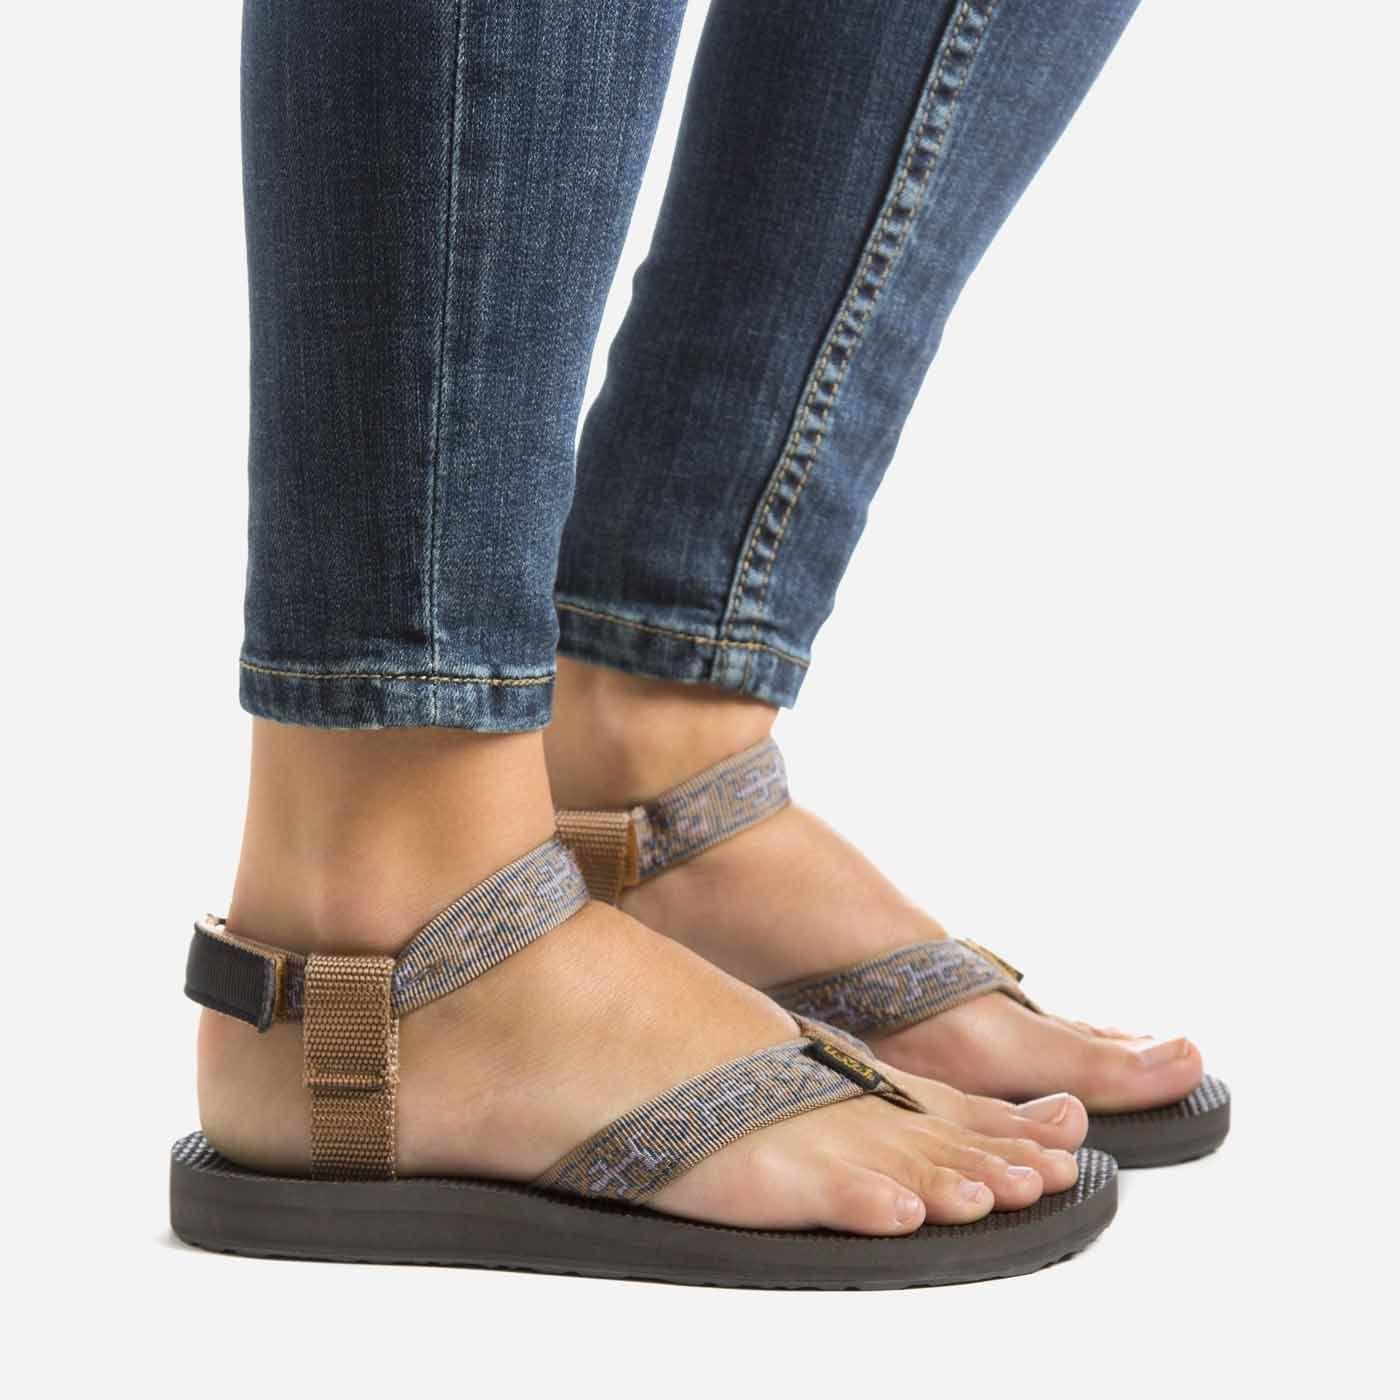 Walking Shoes For Women Site Pinterest Com